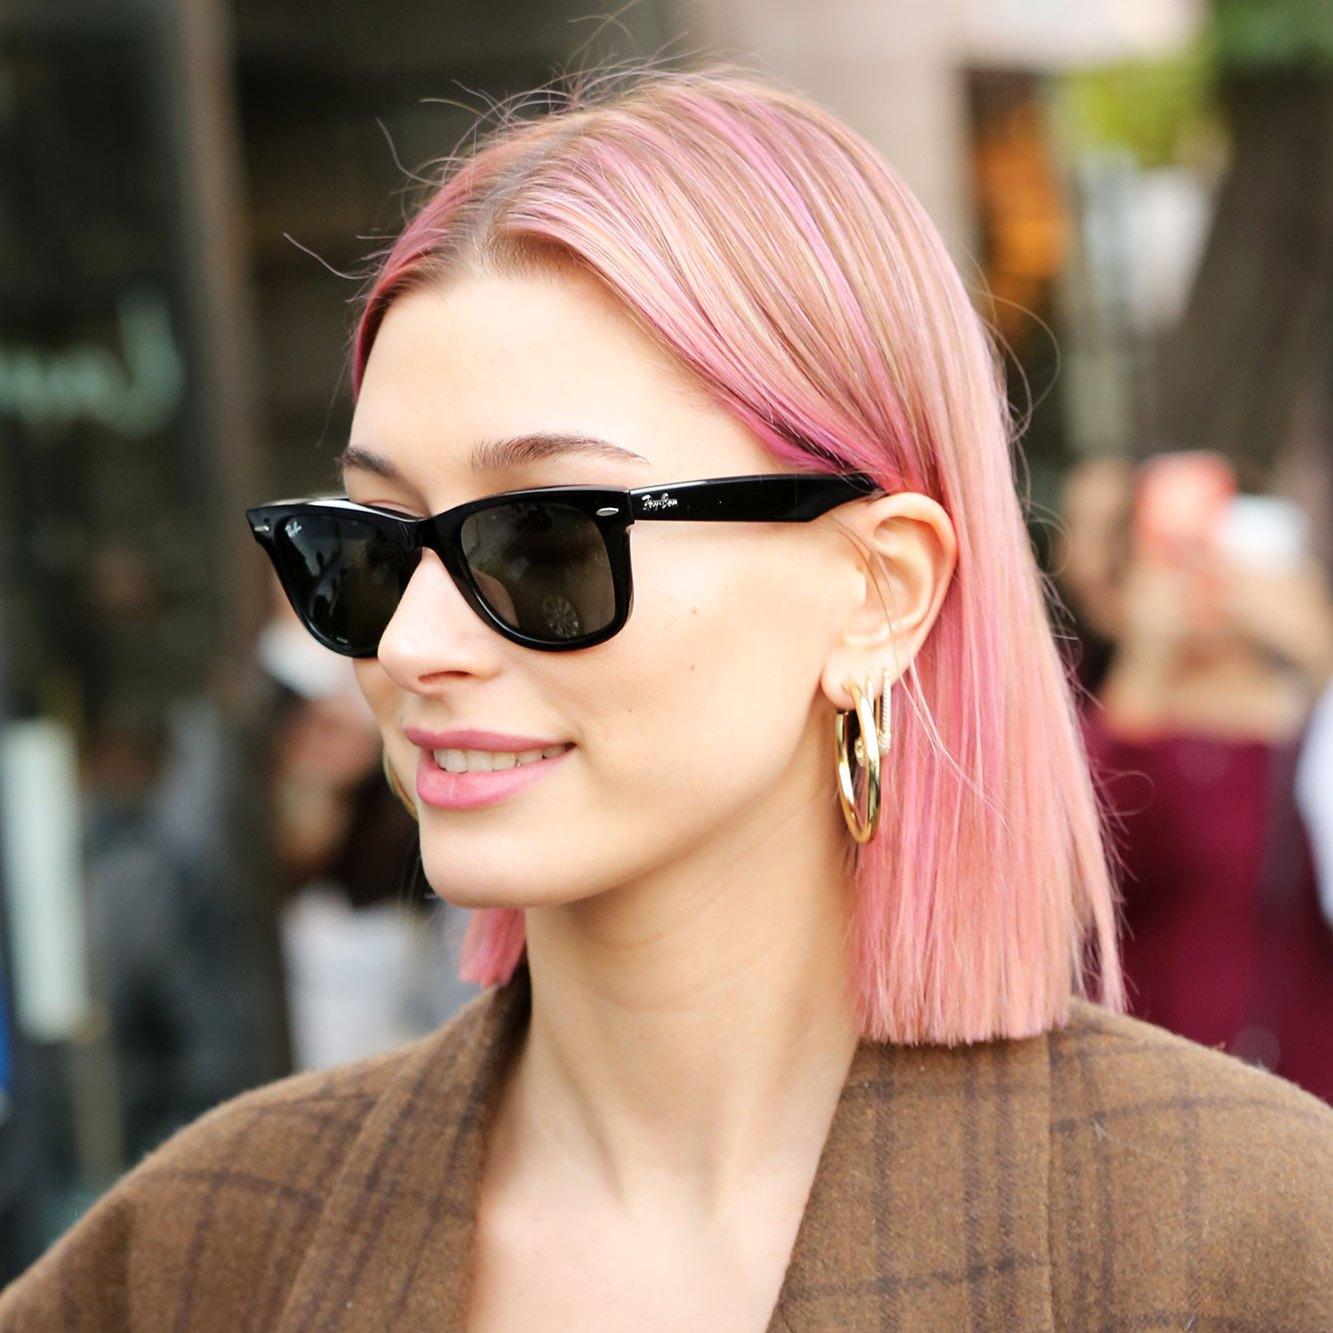 Hailey Baldwin pink hair